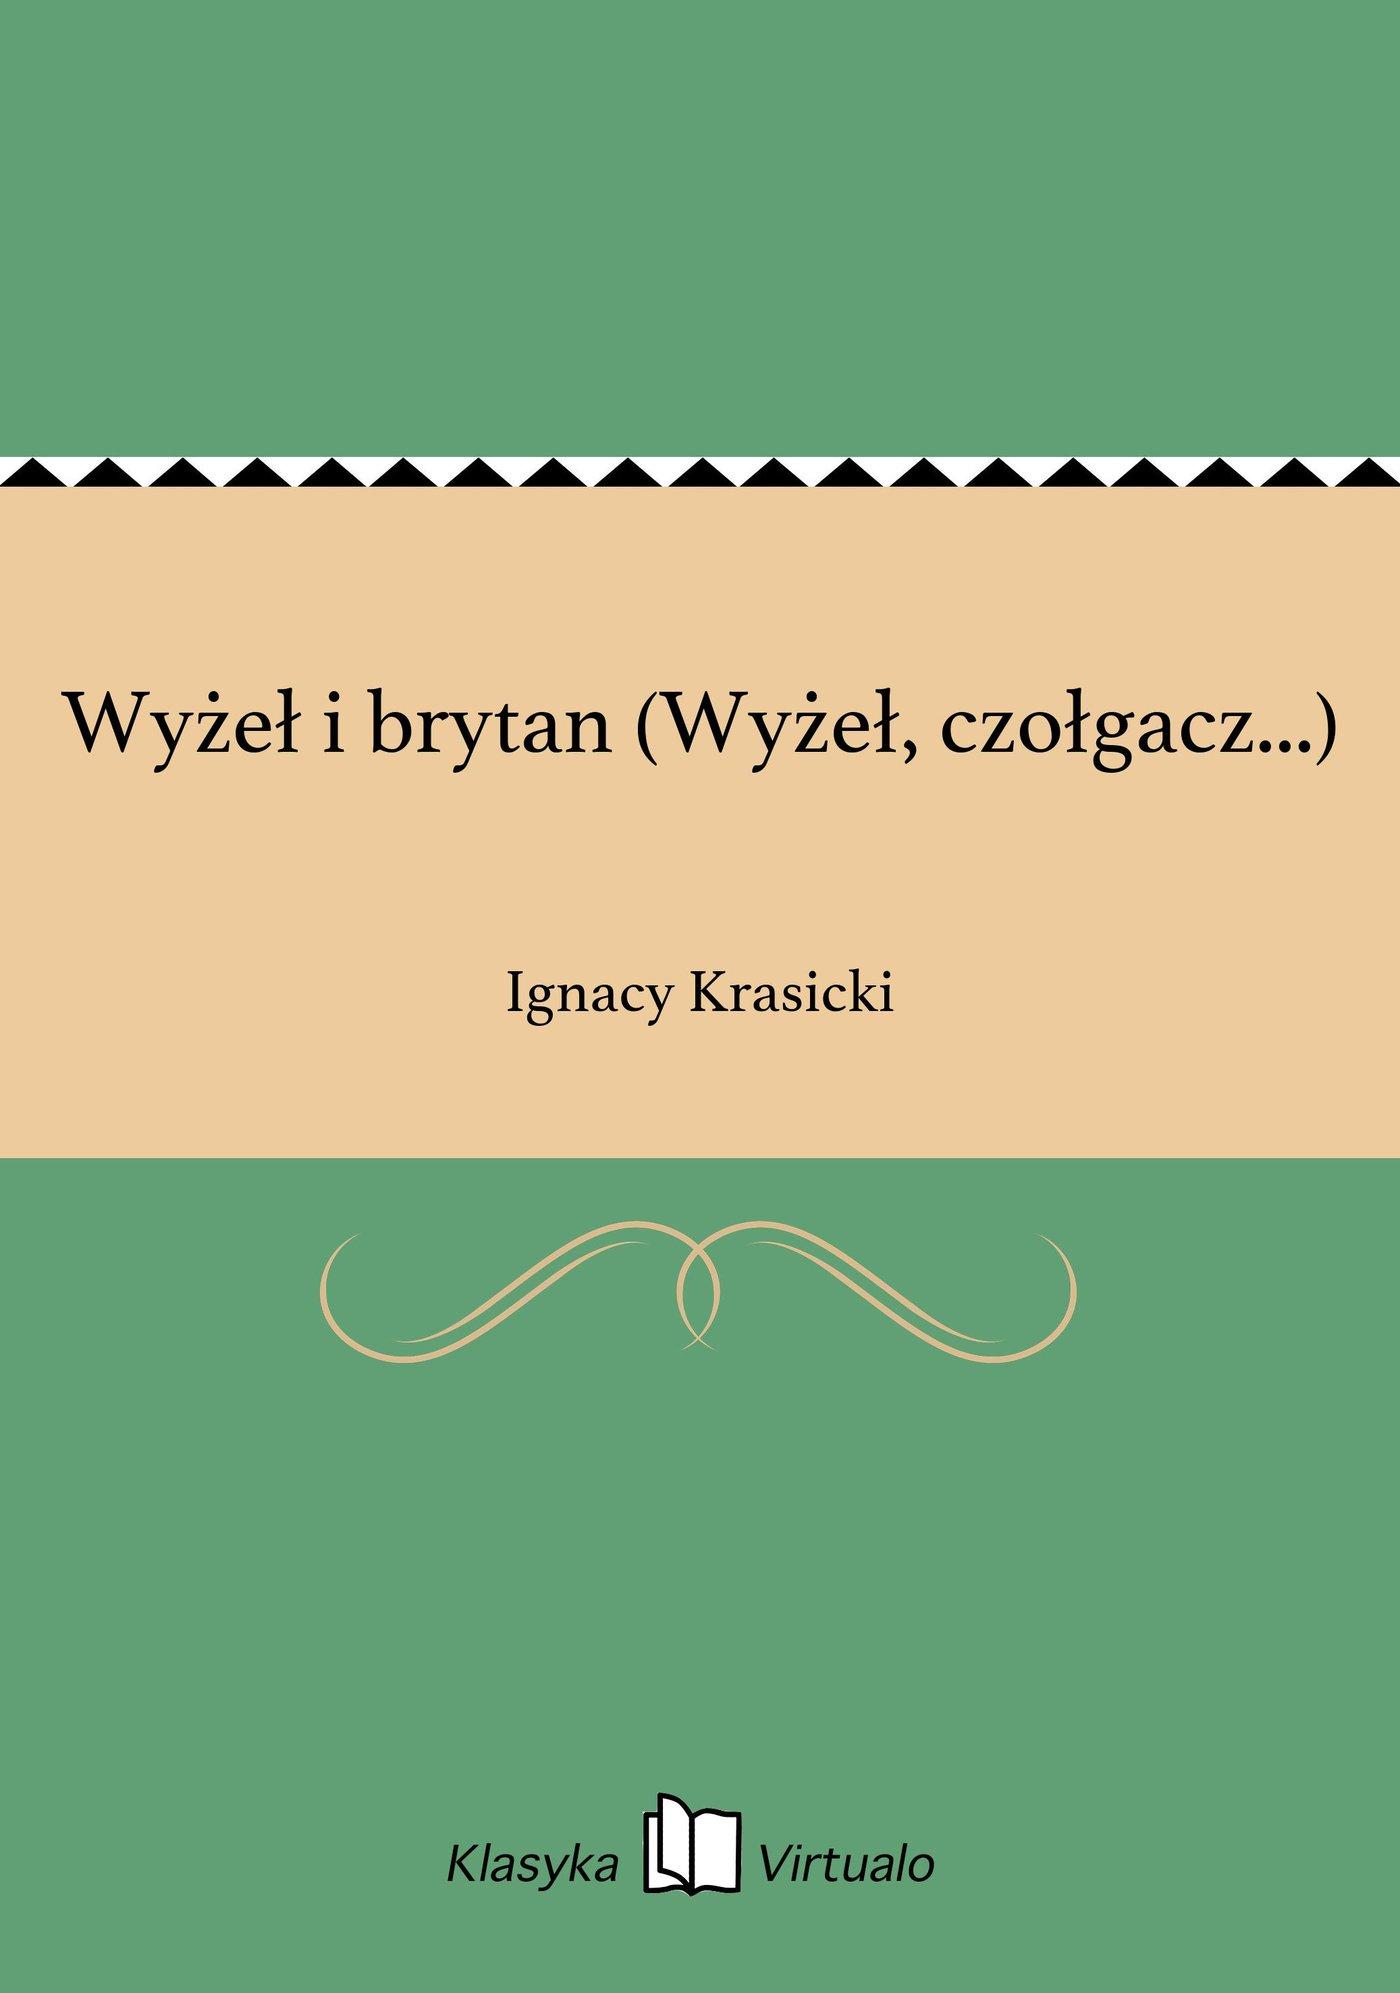 Wyżeł i brytan (Wyżeł, czołgacz...) - Ebook (Książka EPUB) do pobrania w formacie EPUB